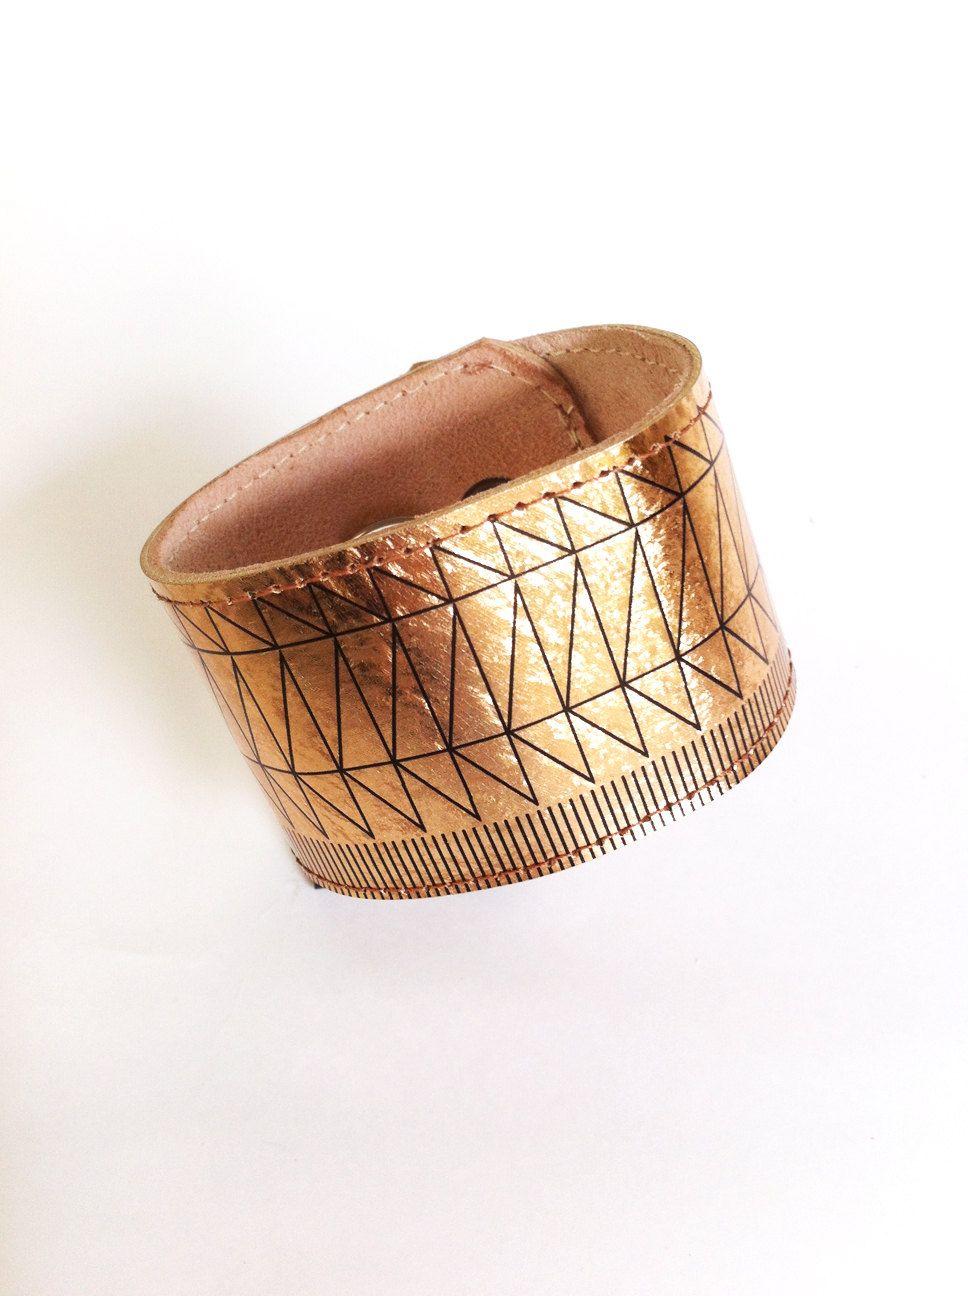 Wearable technology fitbit flex leather cuff bracelet fitbit